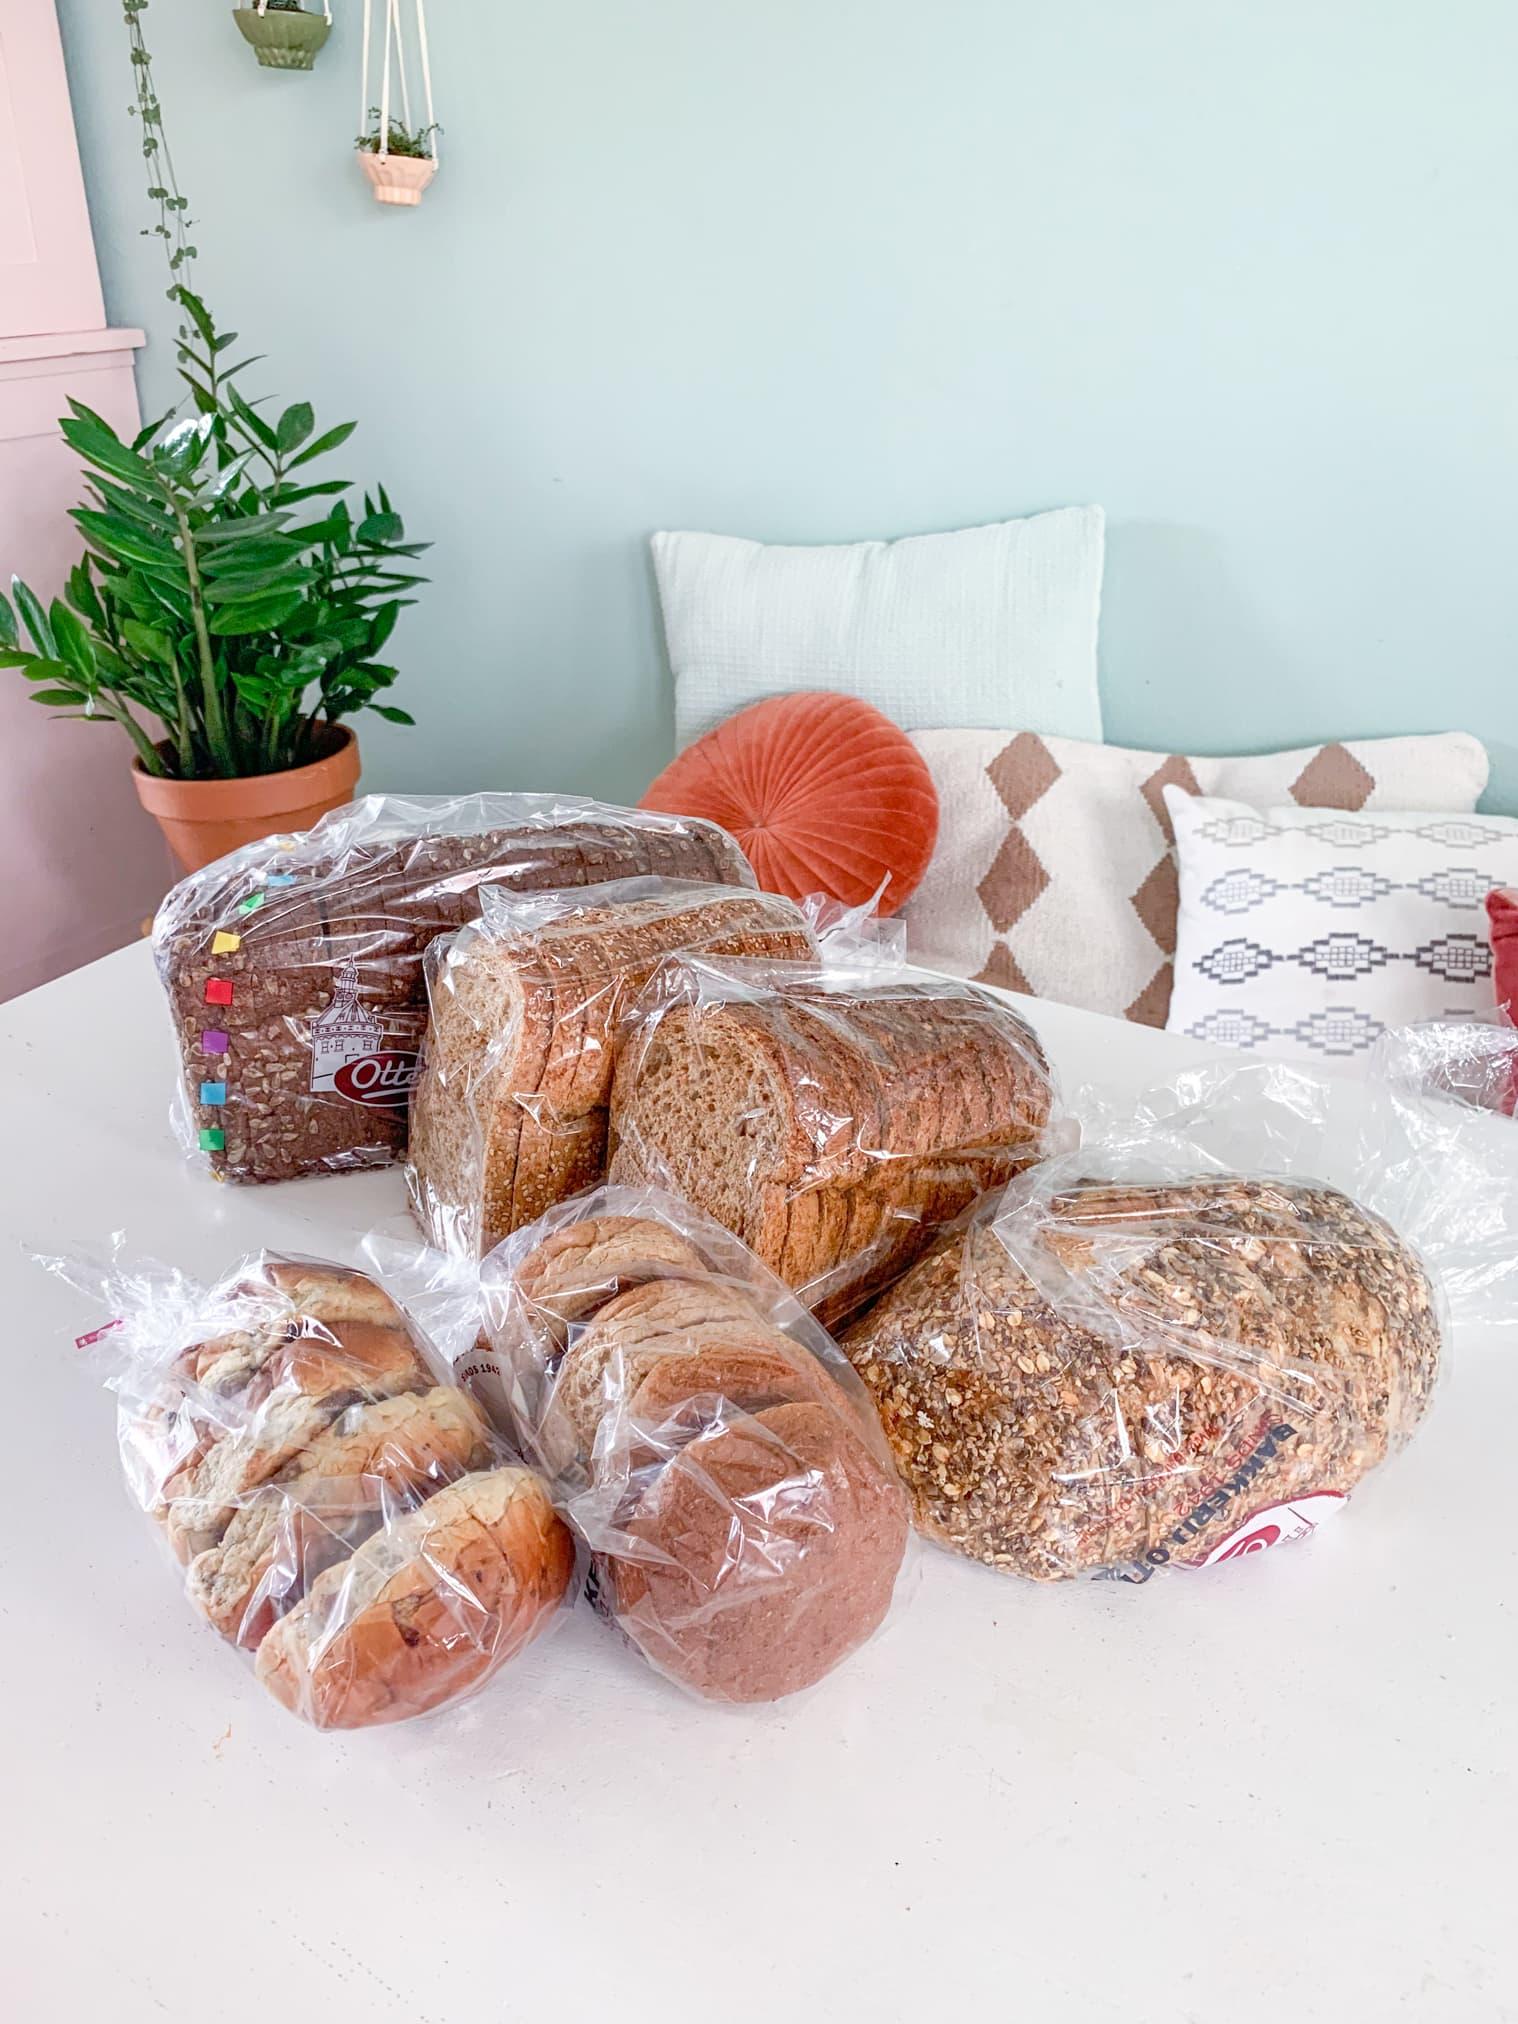 bakker app voedselverspilling